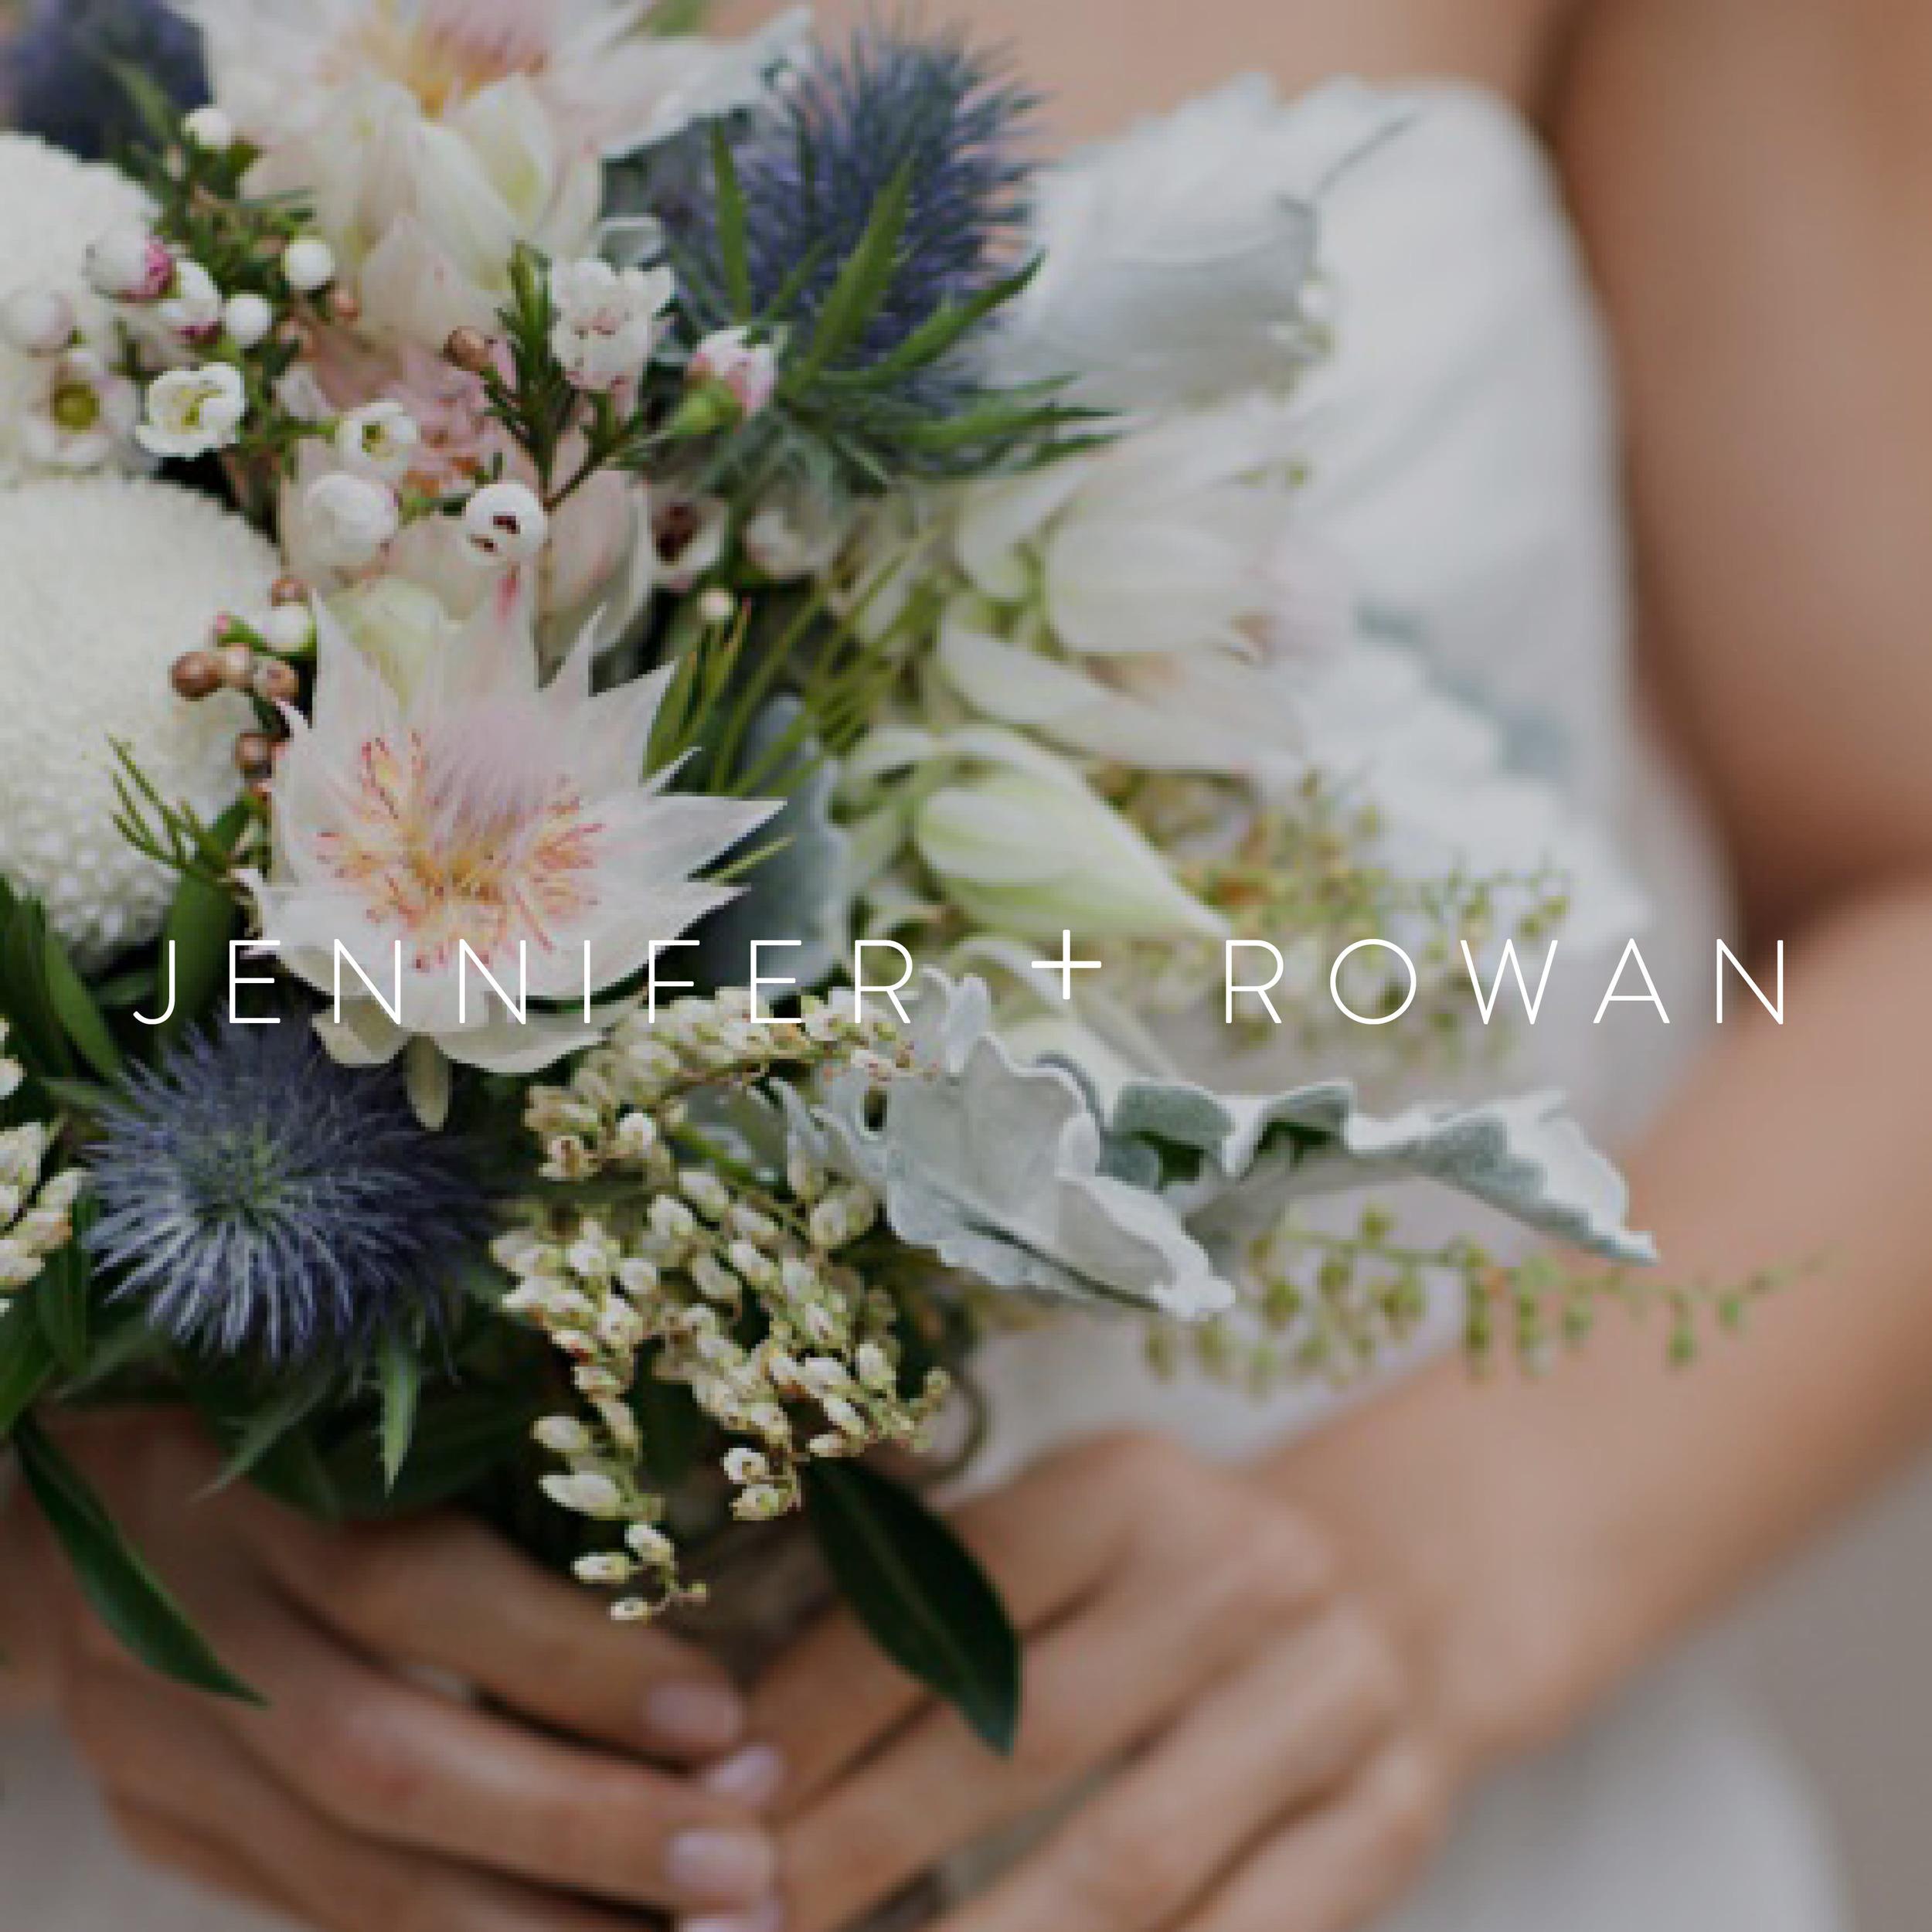 Jennifer and Rowan